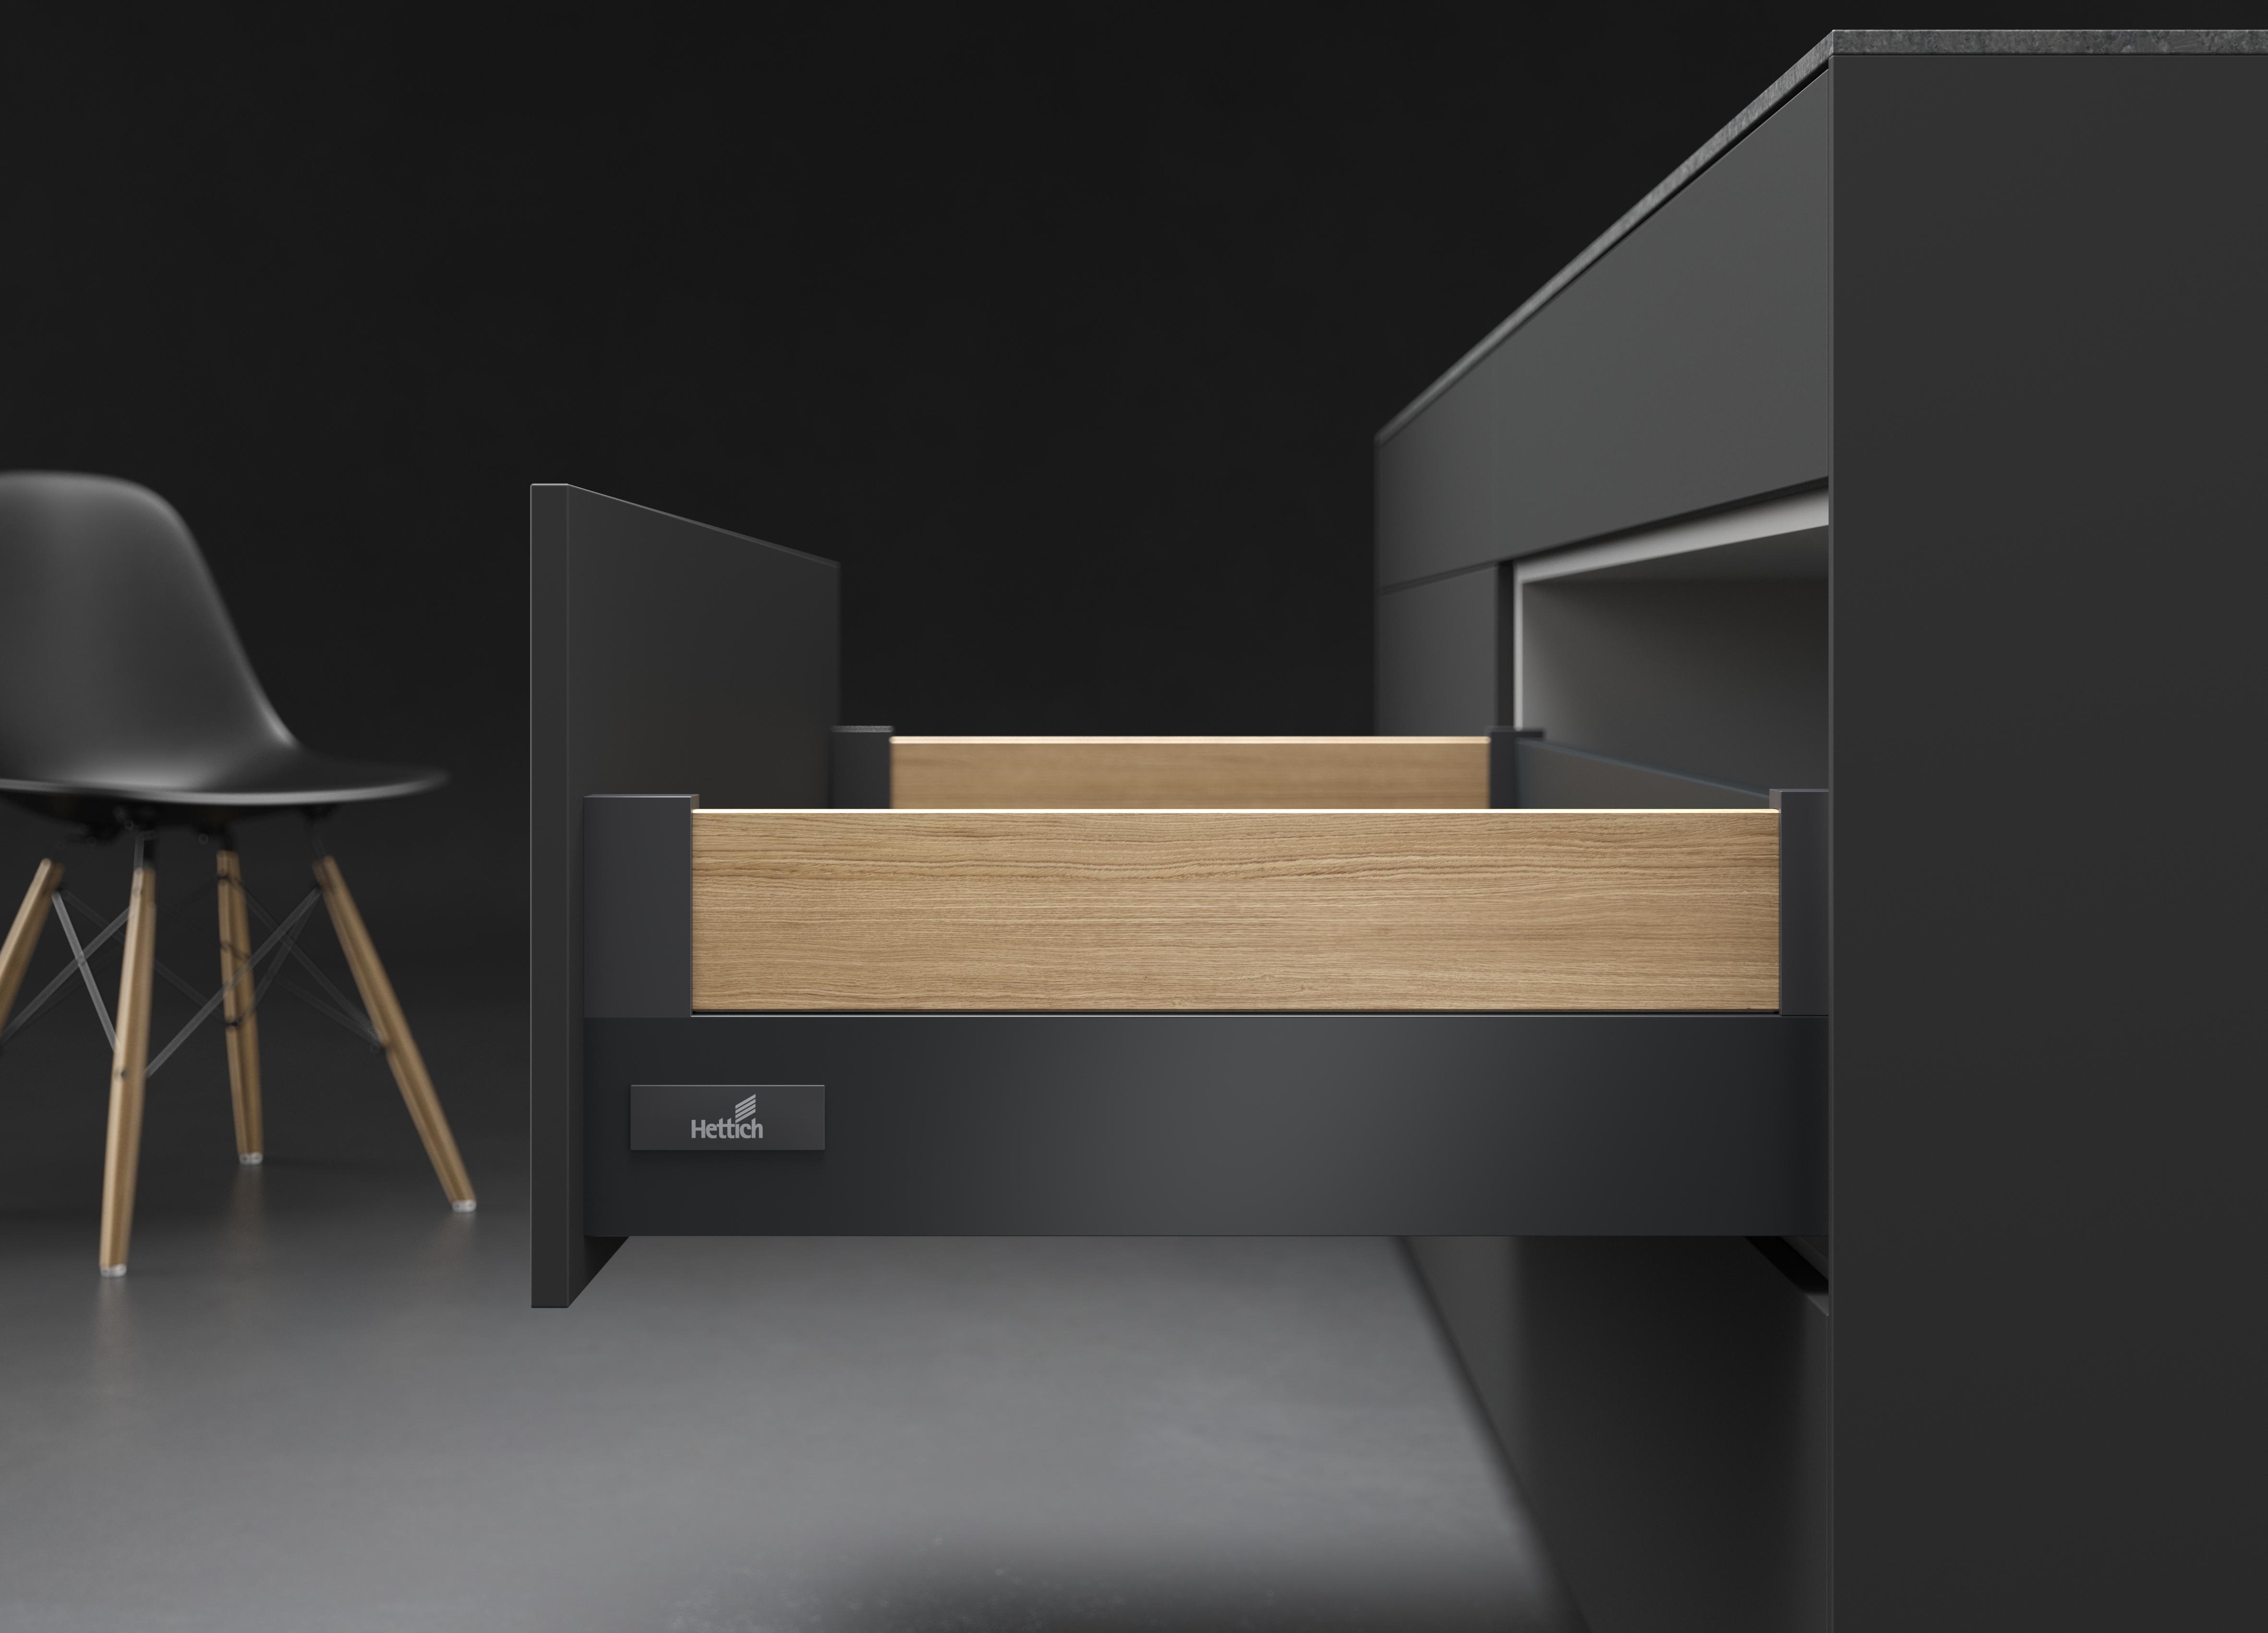 IT_Atira_FA_70_144_Anthrazit_DesignSide_Eiche